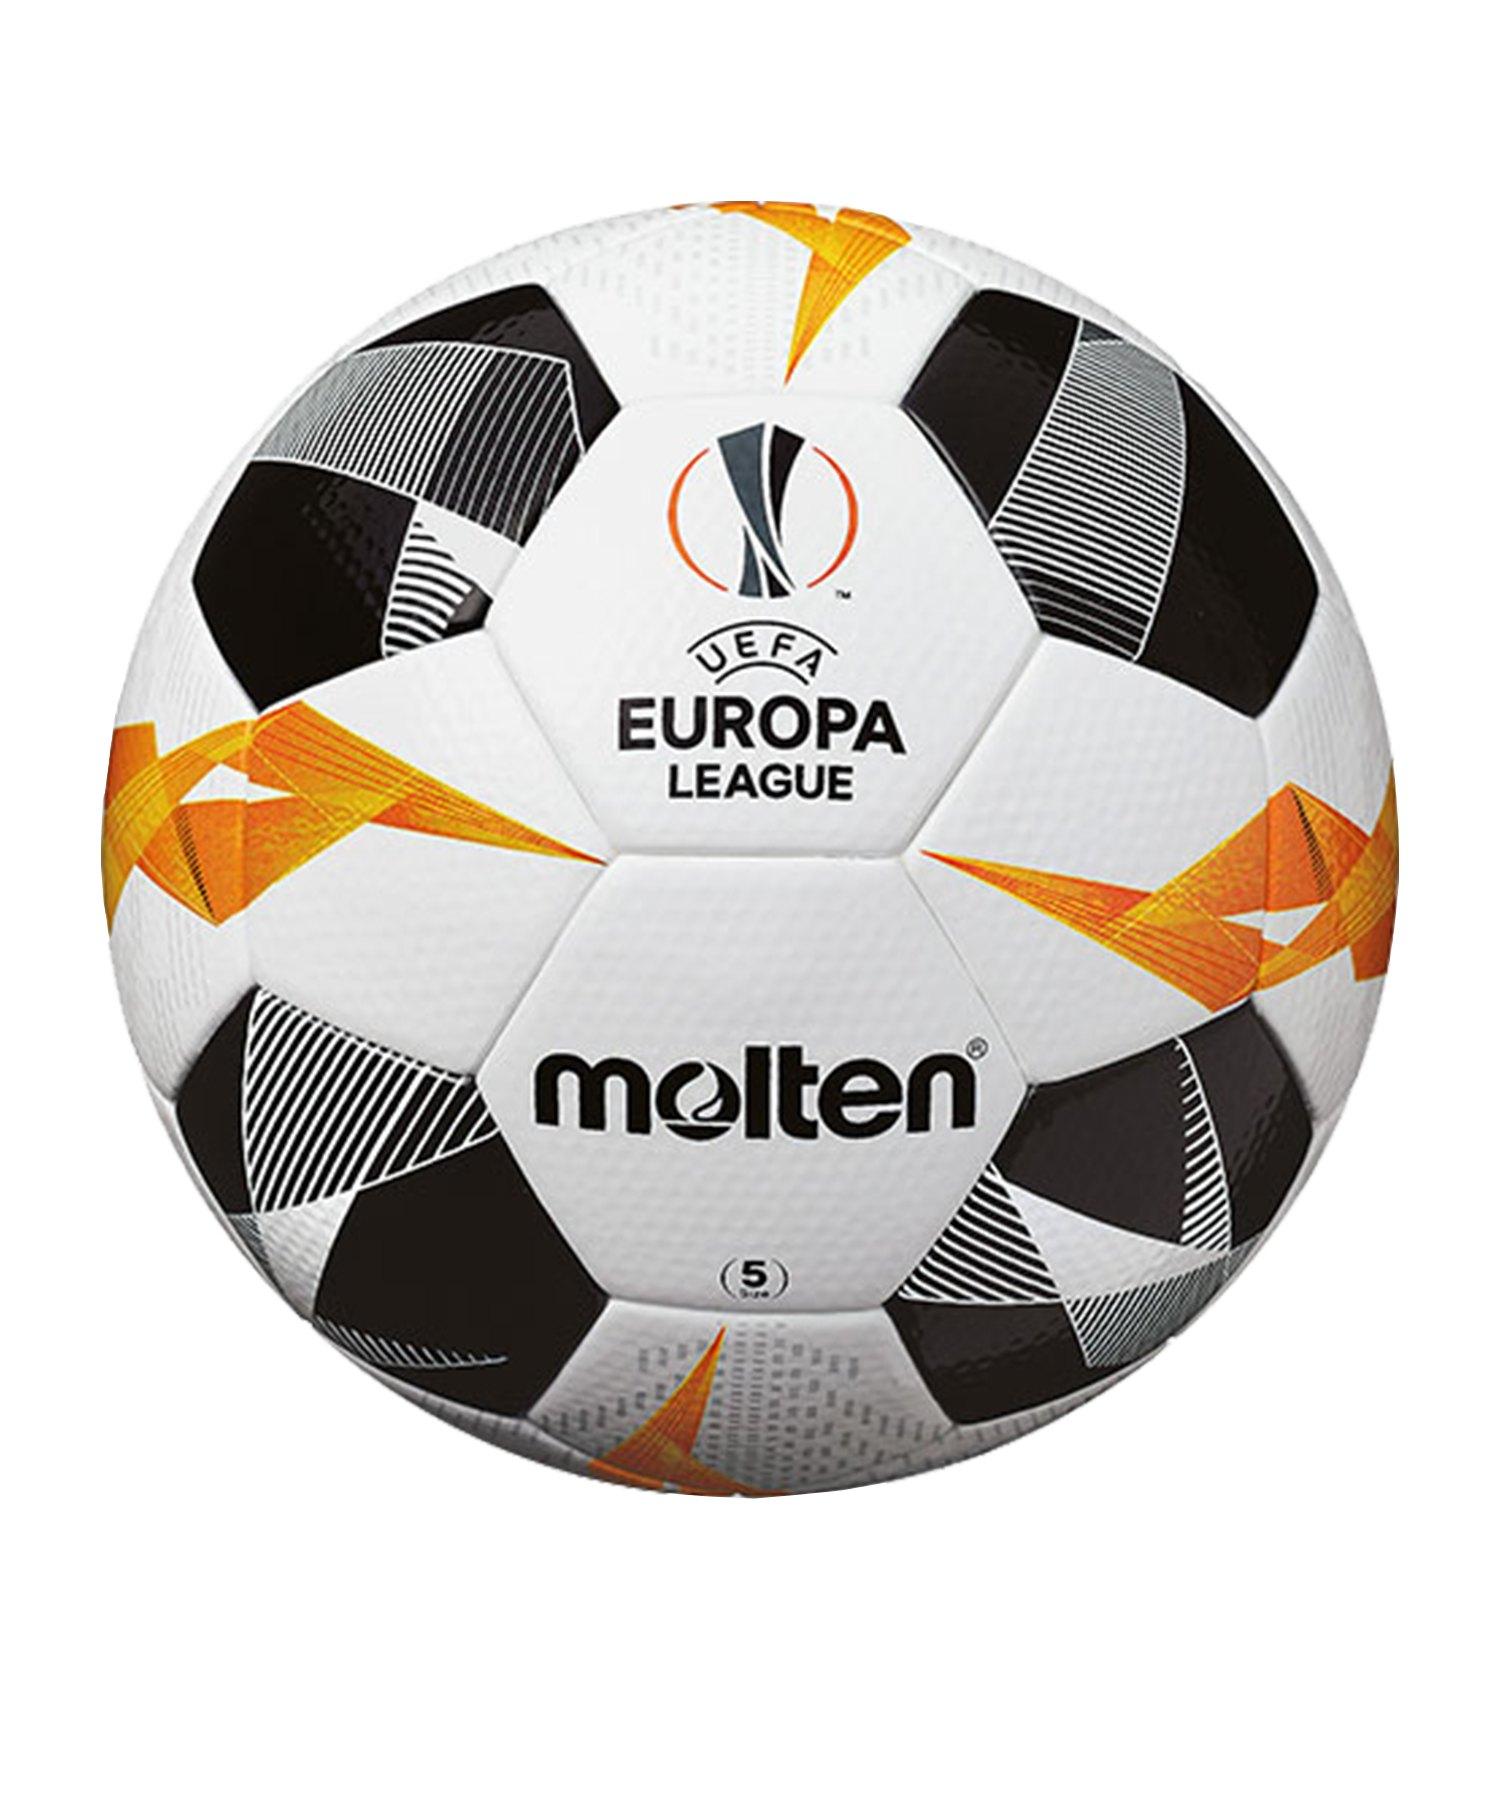 Molten Offizieller Spielball Europa League 19/20 Weiss - weiss